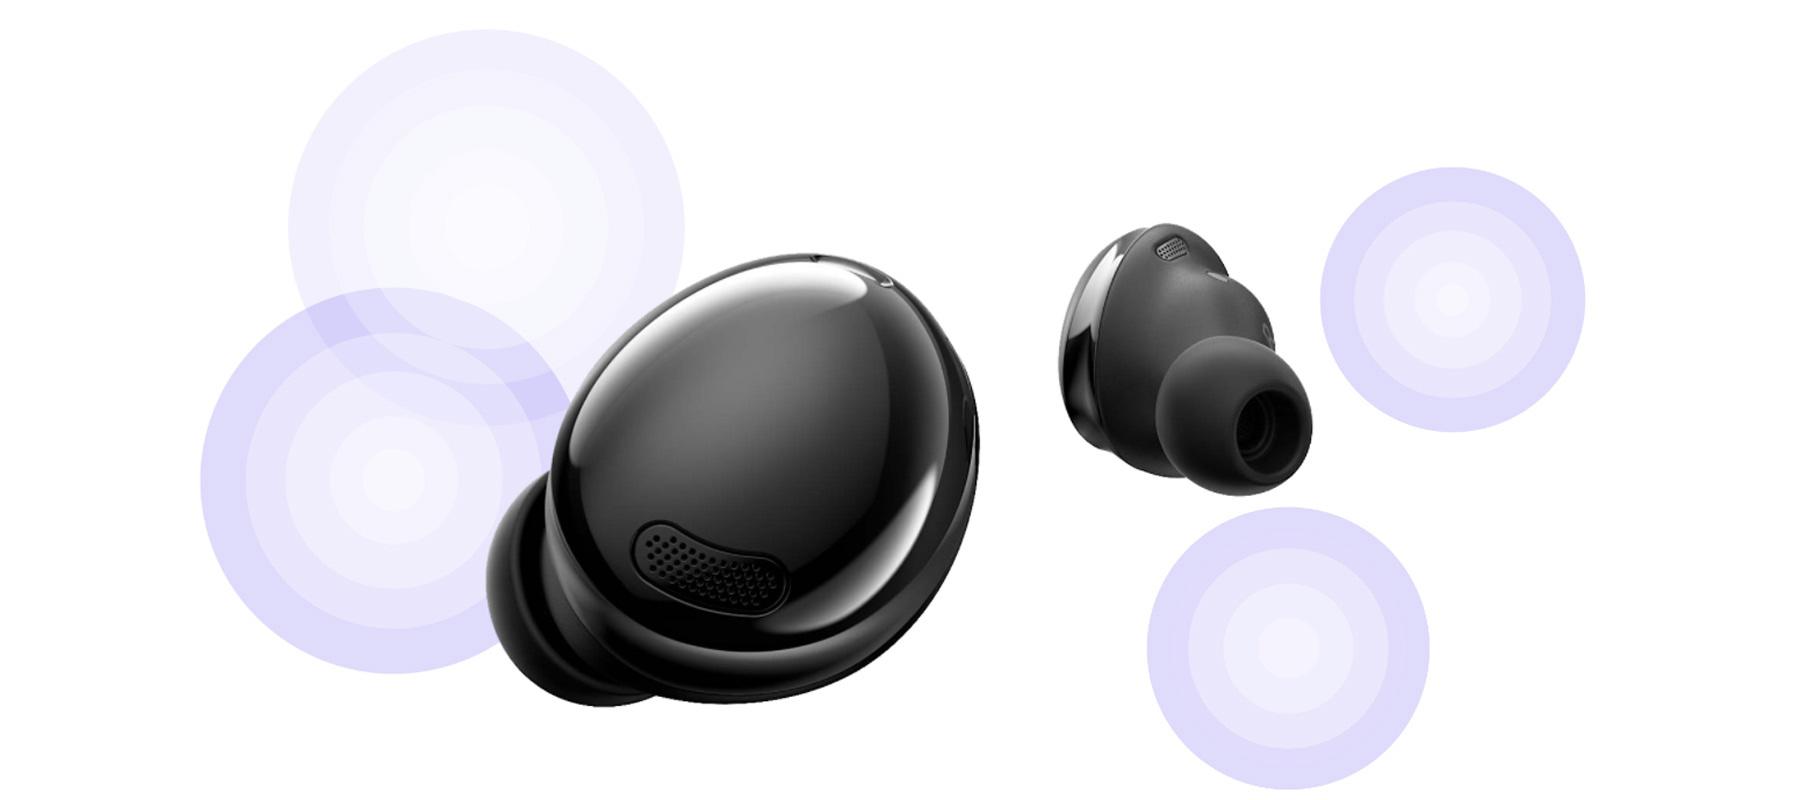 قابلیت صدای 360 درجه در هدفون بی سیم سامسونگ Galaxy Buds Pro